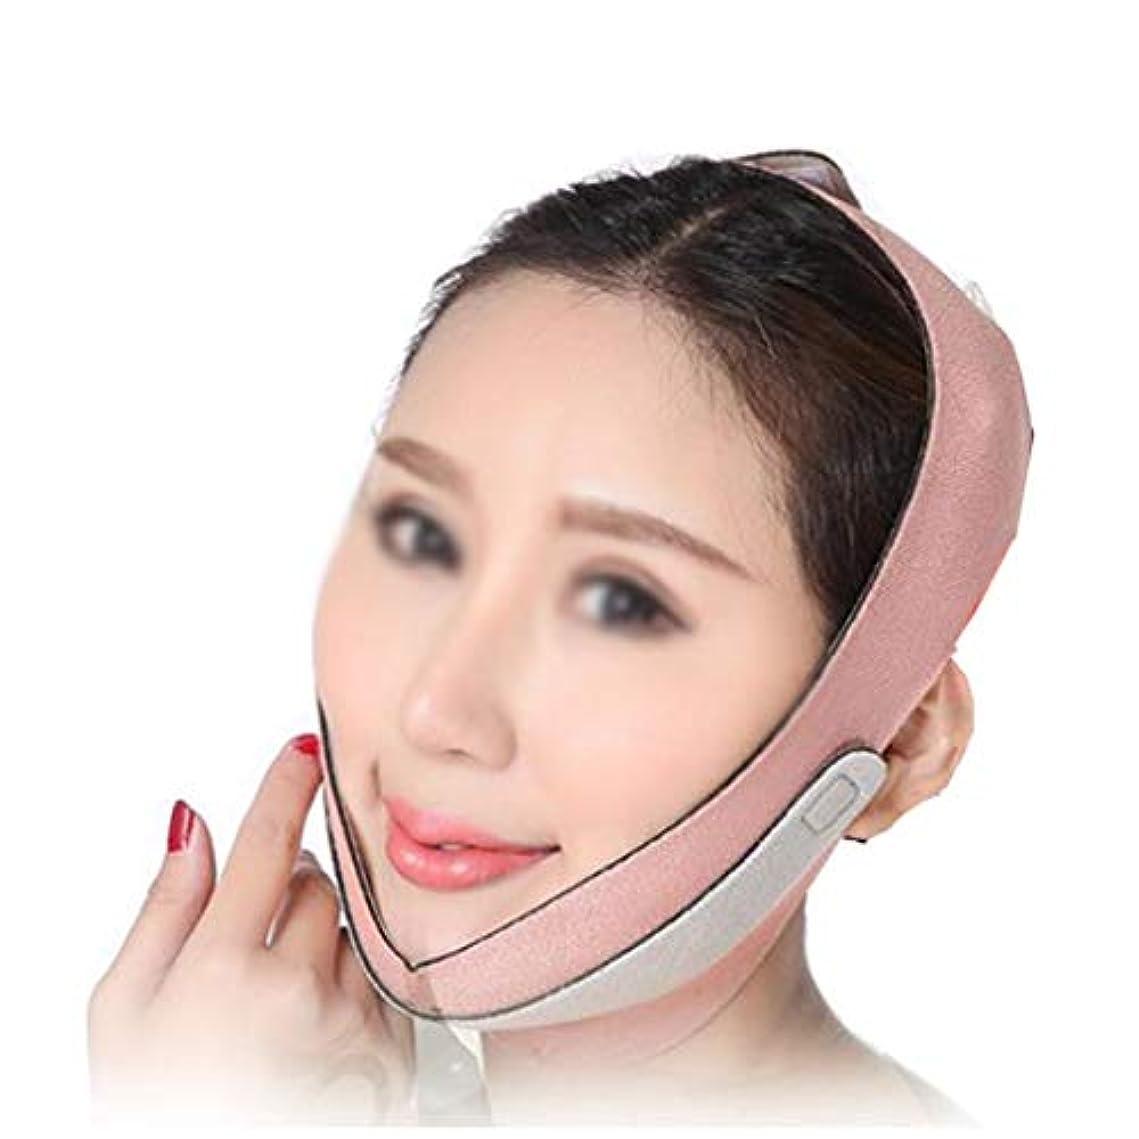 認める配送ピットZWBD フェイスマスク, フェイスリフティングマスクフェイスリフティングツールを備えたVフェイスの薄い顔3Dフェイスリフティングフェイスリフティング包帯フェイスリフティングデバイスフェイスリフティングマシン